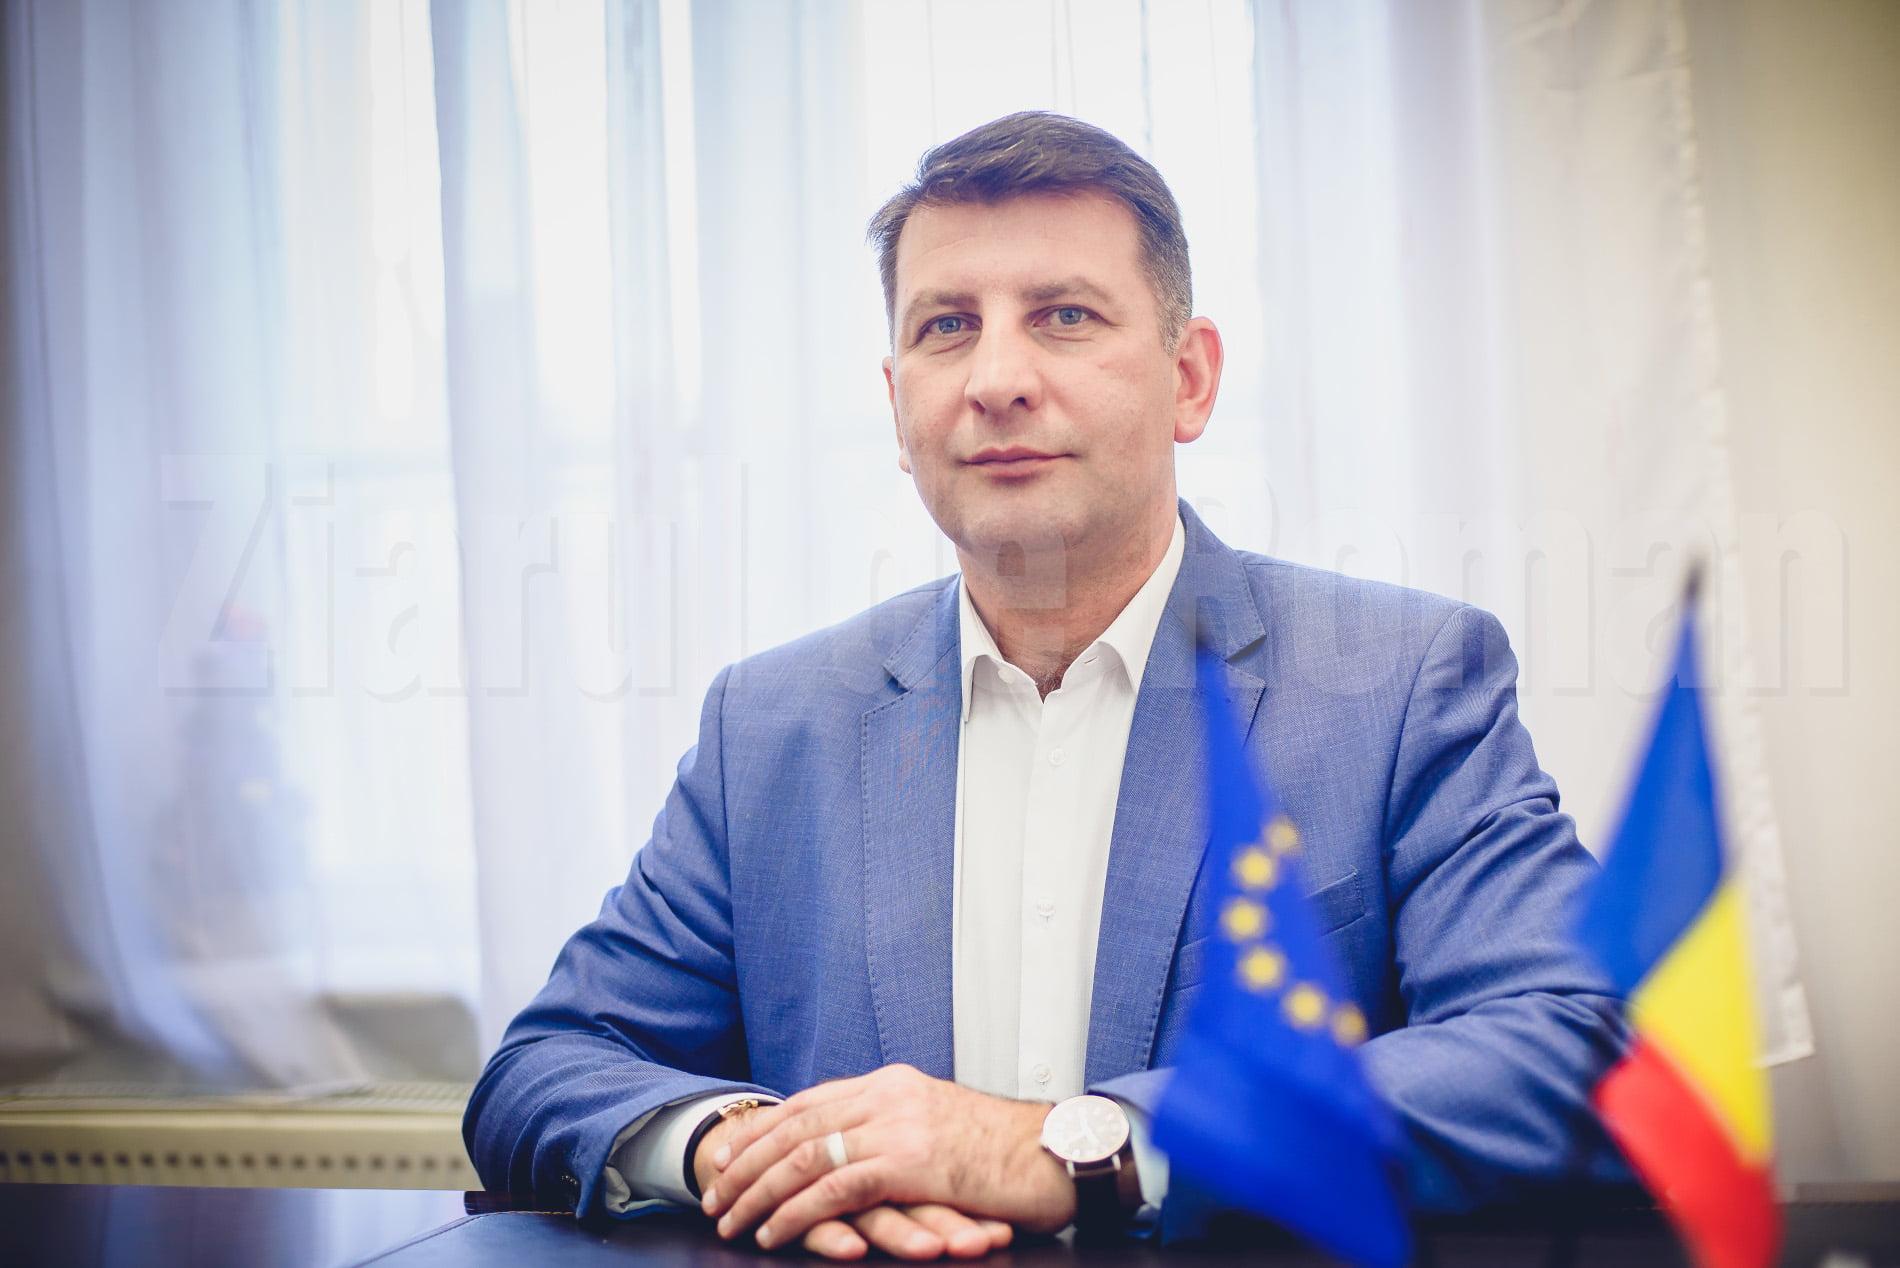 Lucian Micu și-a anunțat demisia din funcția de manager al Spitalului Județean de Urgență Piatra Neamț